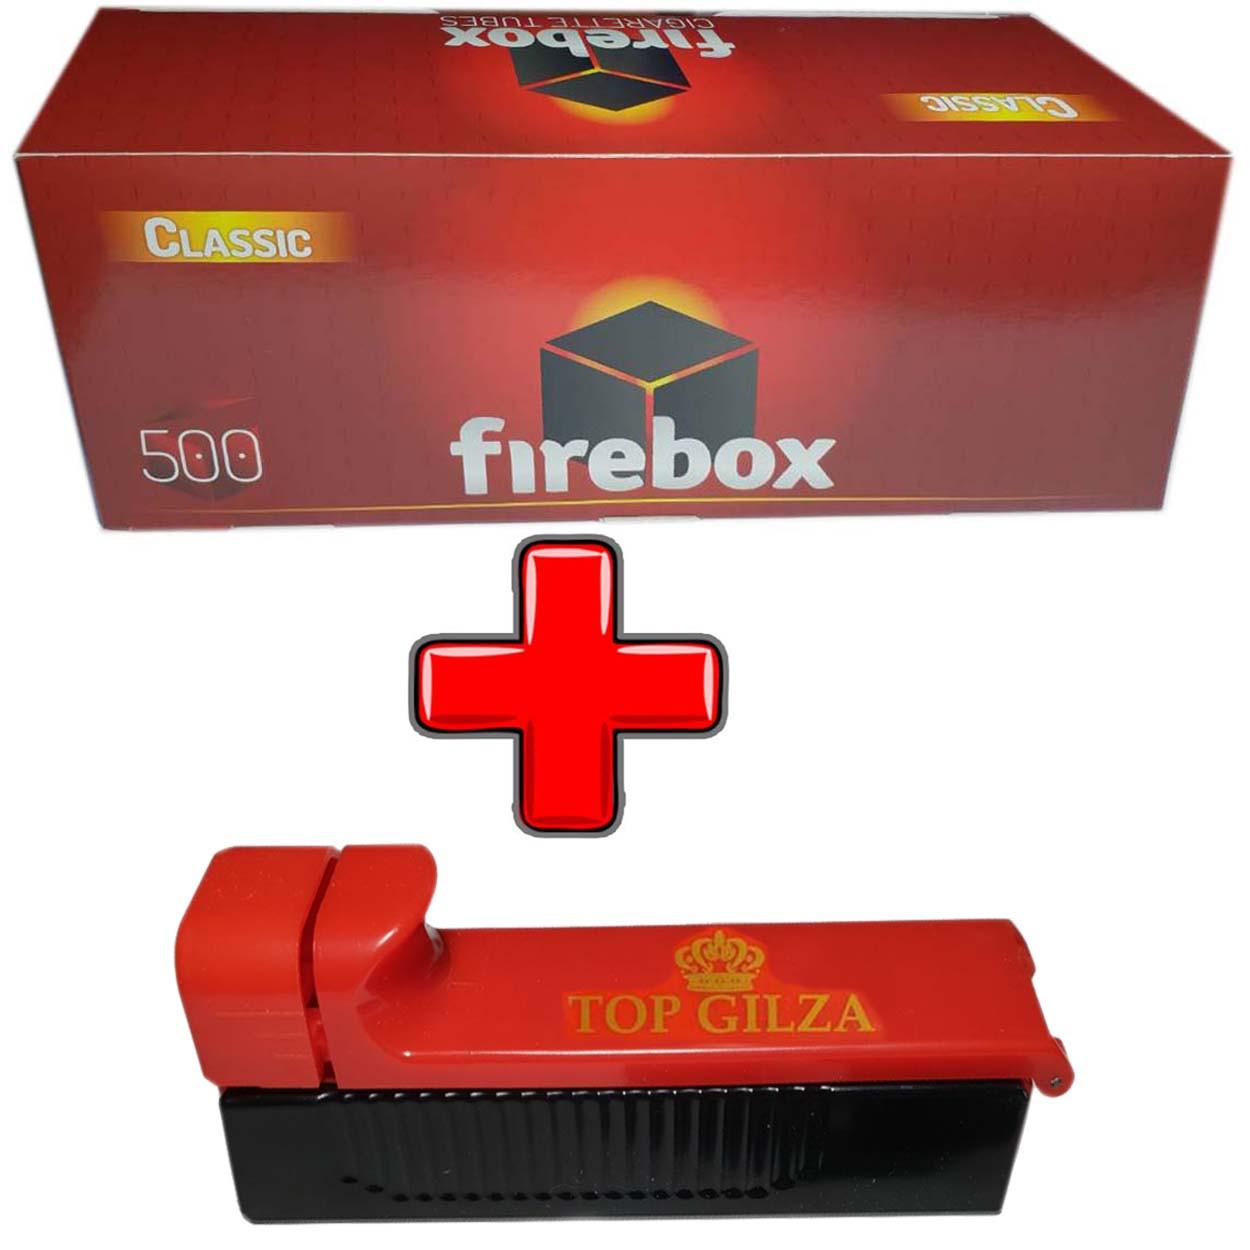 Гильзы для сигарет Firebox 500 шт + фирменная машинка для набивки гильз